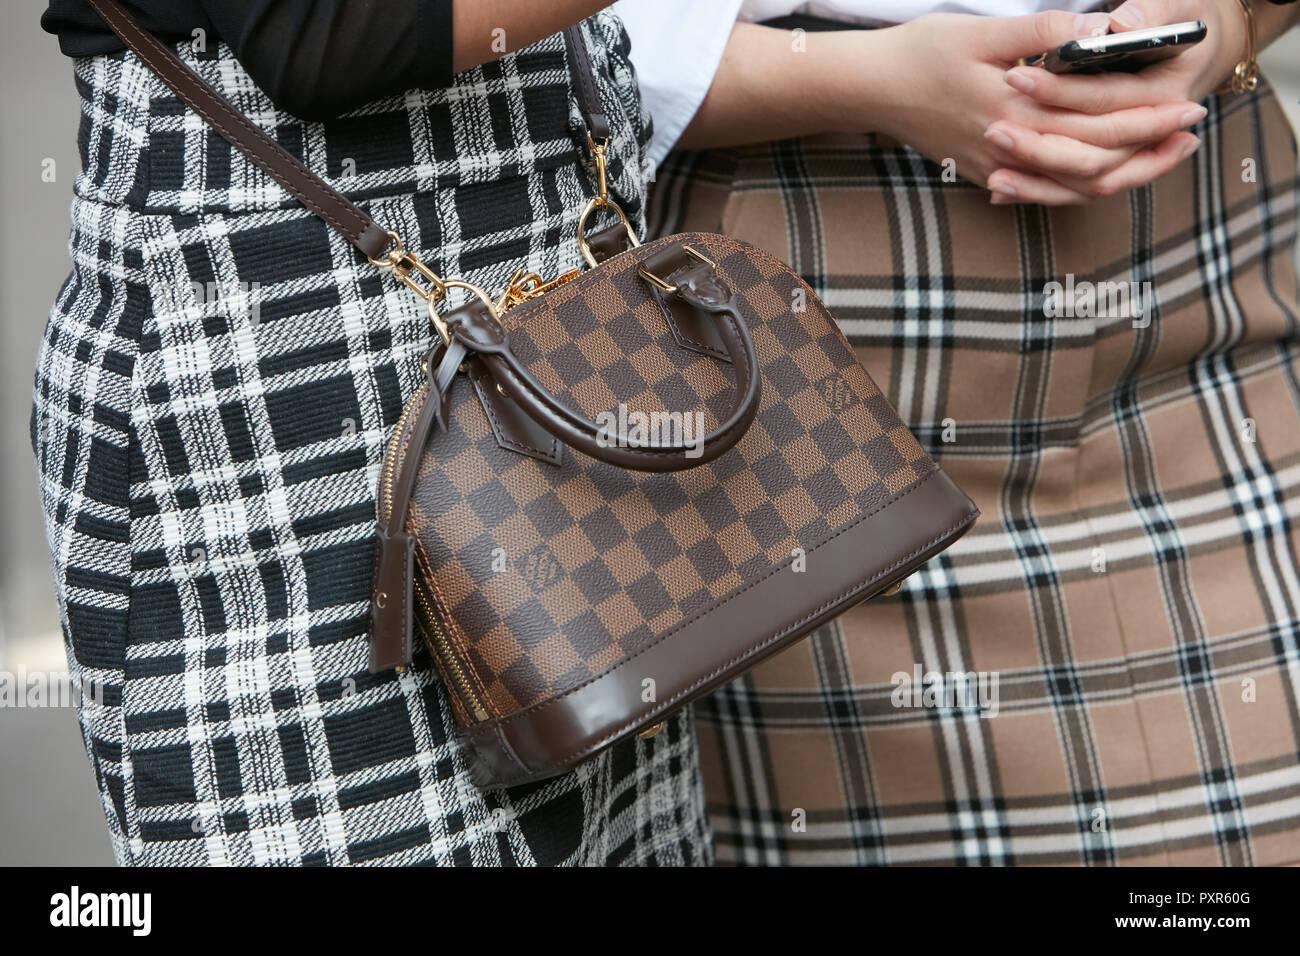 a71dad18c9e4e Louis Vuitton Kariert Stockfotos   Louis Vuitton Kariert Bilder - Alamy